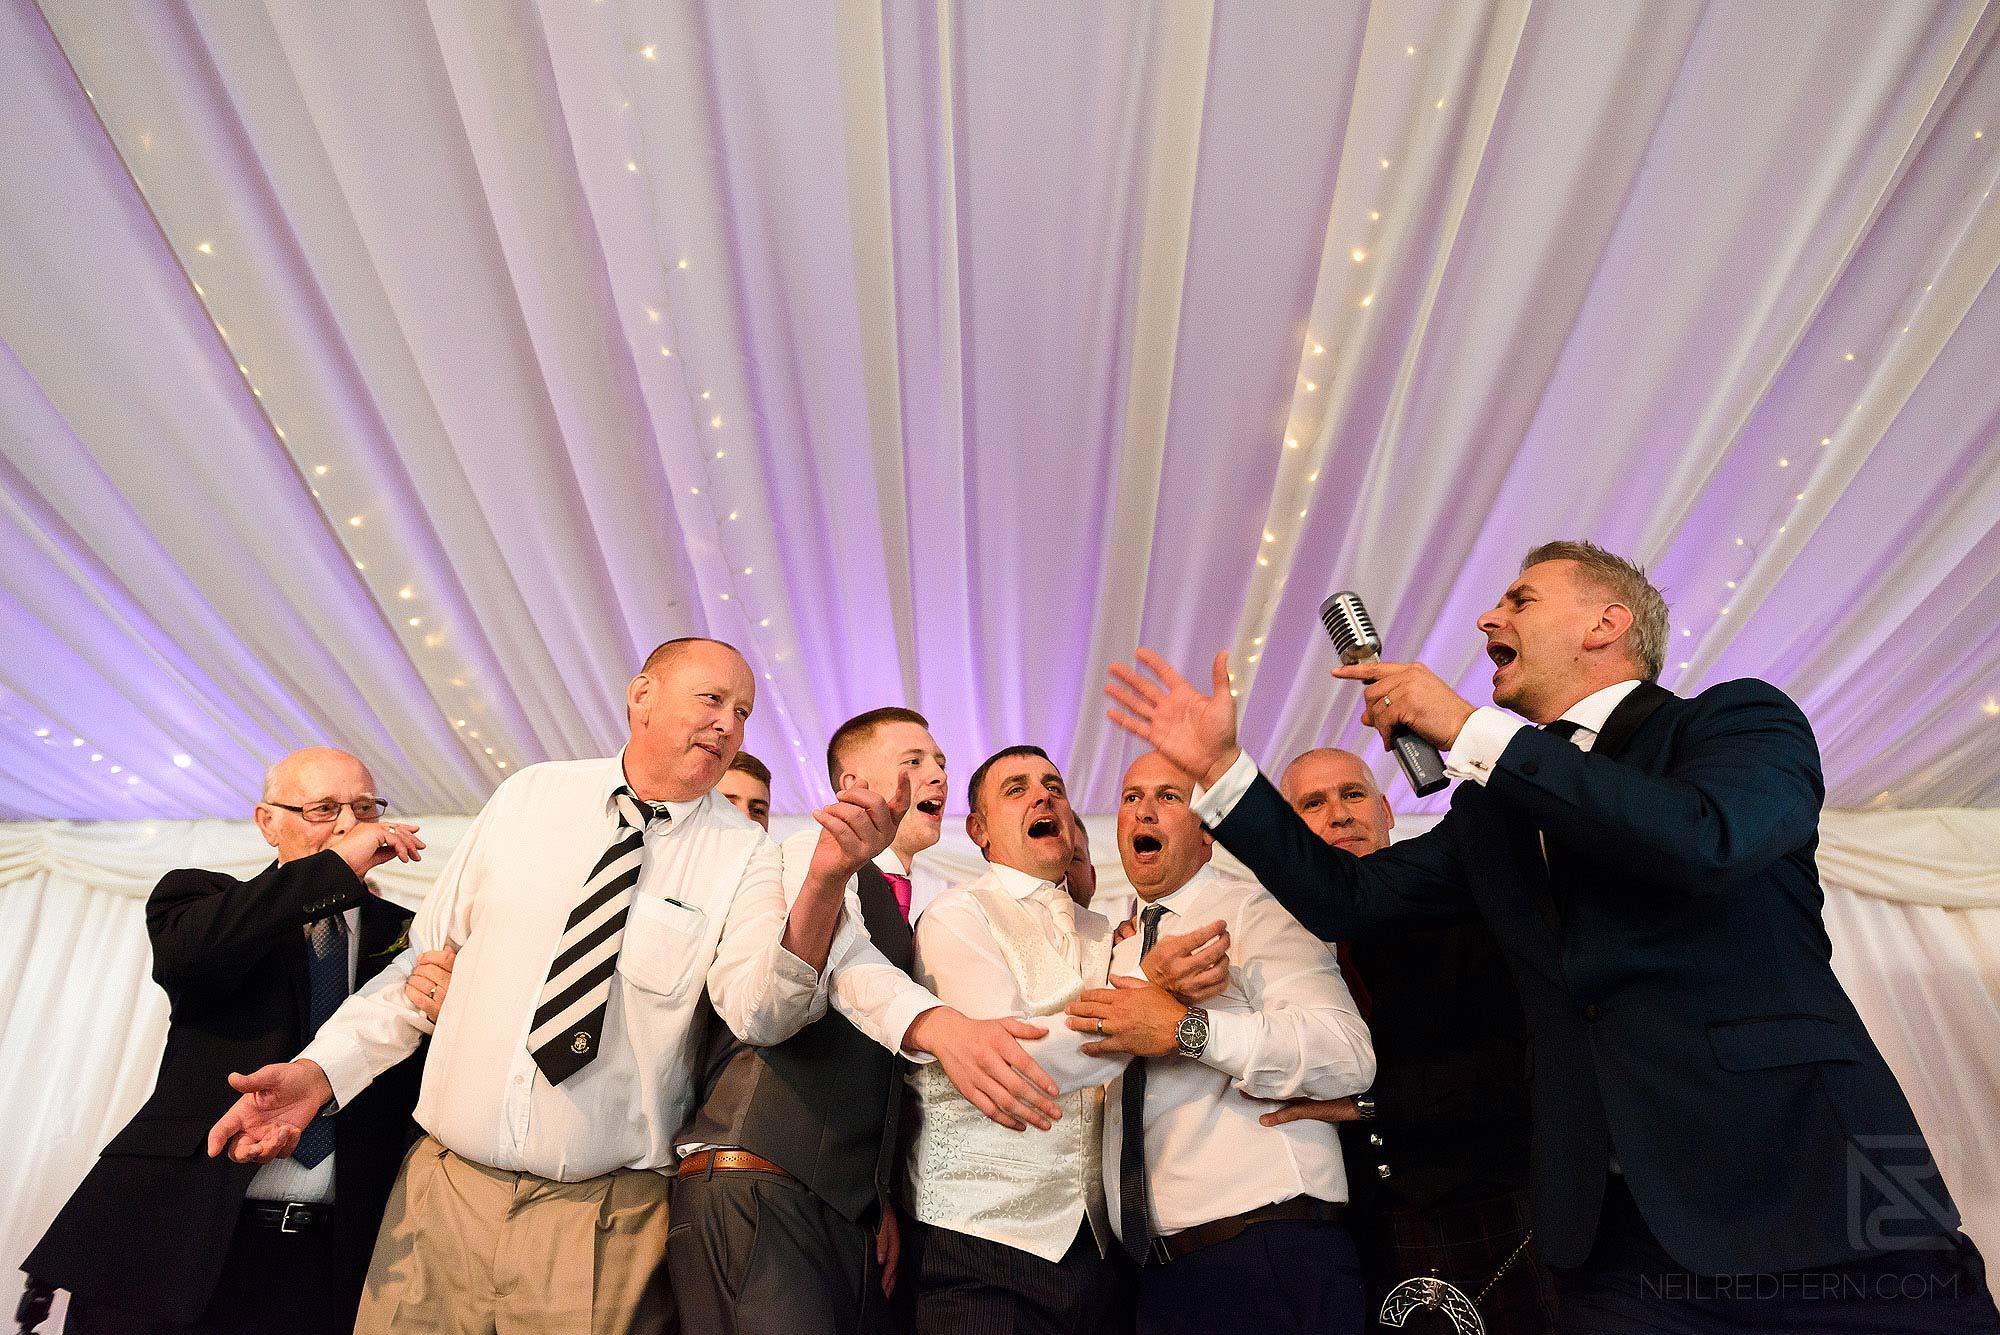 Paul Guard singing at wedding